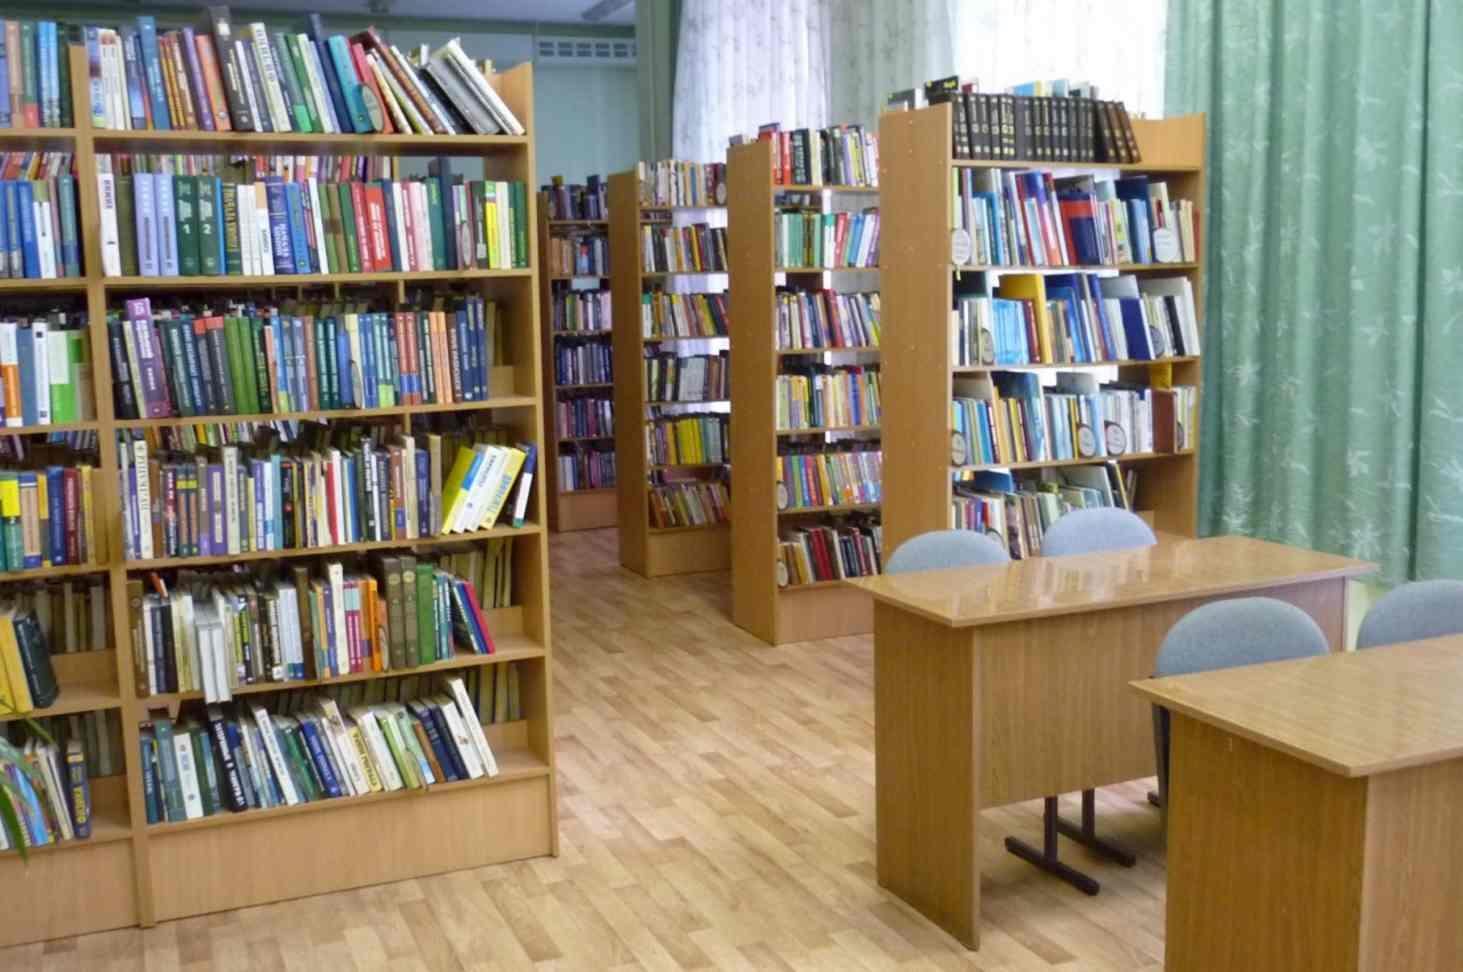 v-rossii-za-tri-goda-zakrylis-okolo-1-5-tysyach-munitsipalnyh-bibliotek